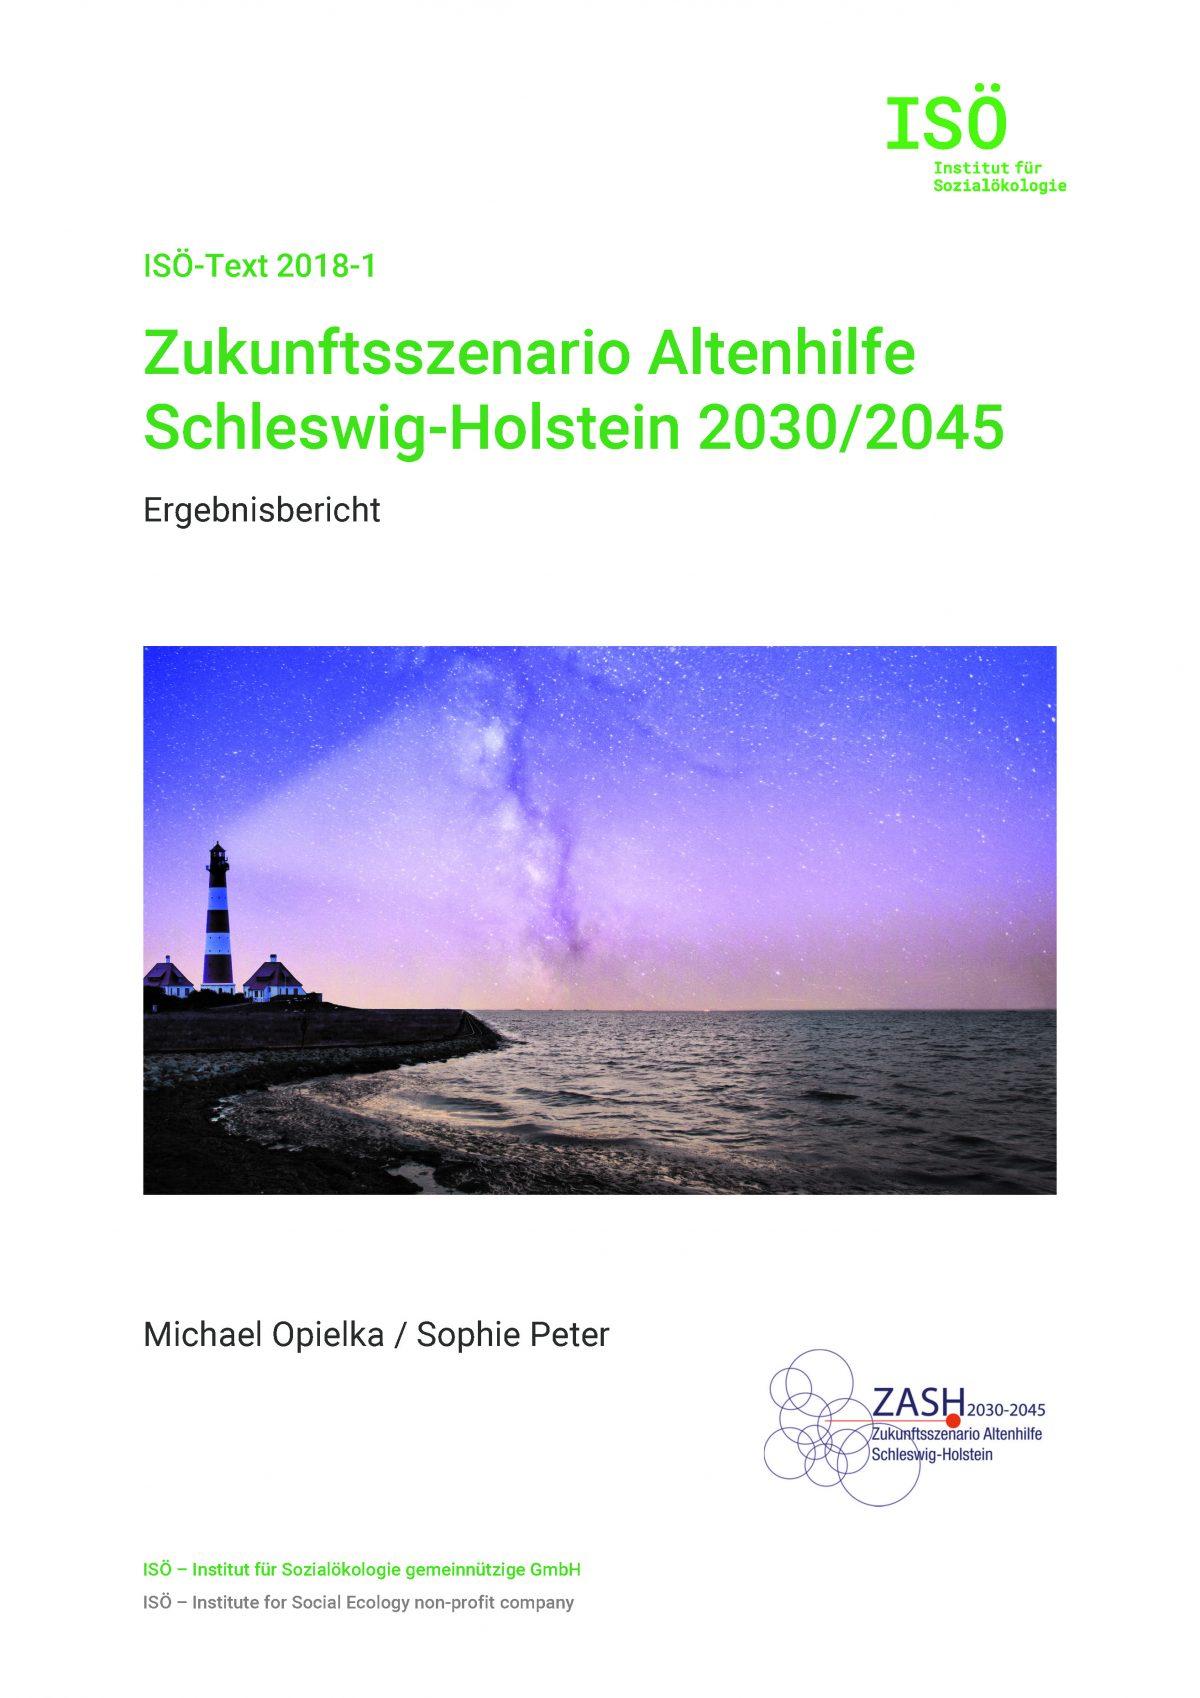 Michael Opielka/Sophie Peter, Zukunftsszenario Altenhilfe Schleswig-Holstein 2030/2045. Ergebnisbericht (ISÖ-Text 2018-1)